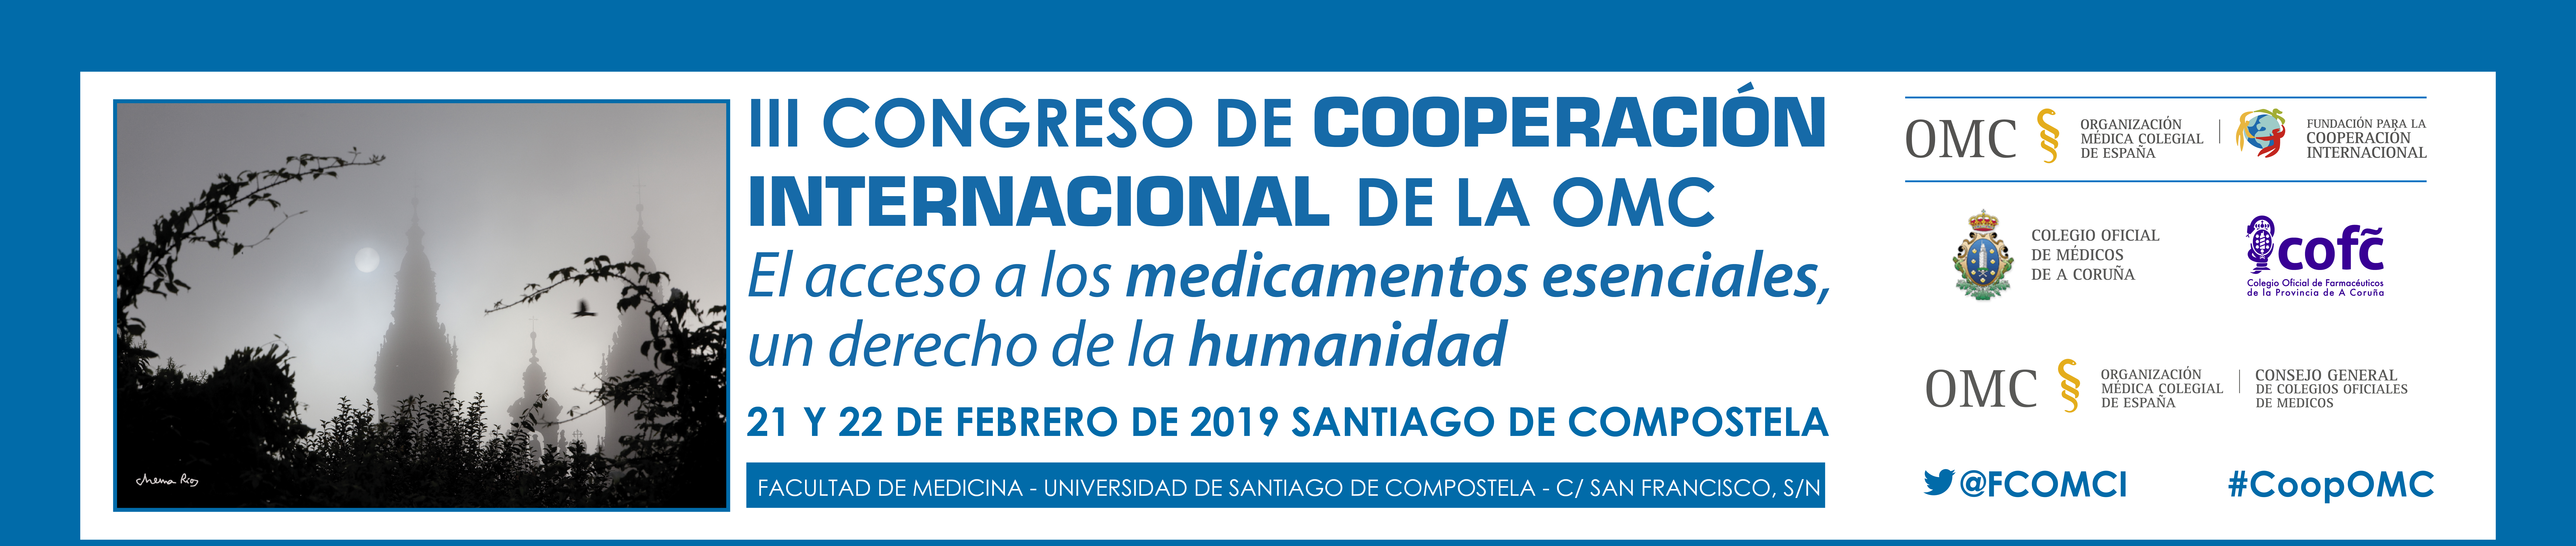 La Organización Médica Colegial de España organiza el tercer congreso de Cooperación Internacional